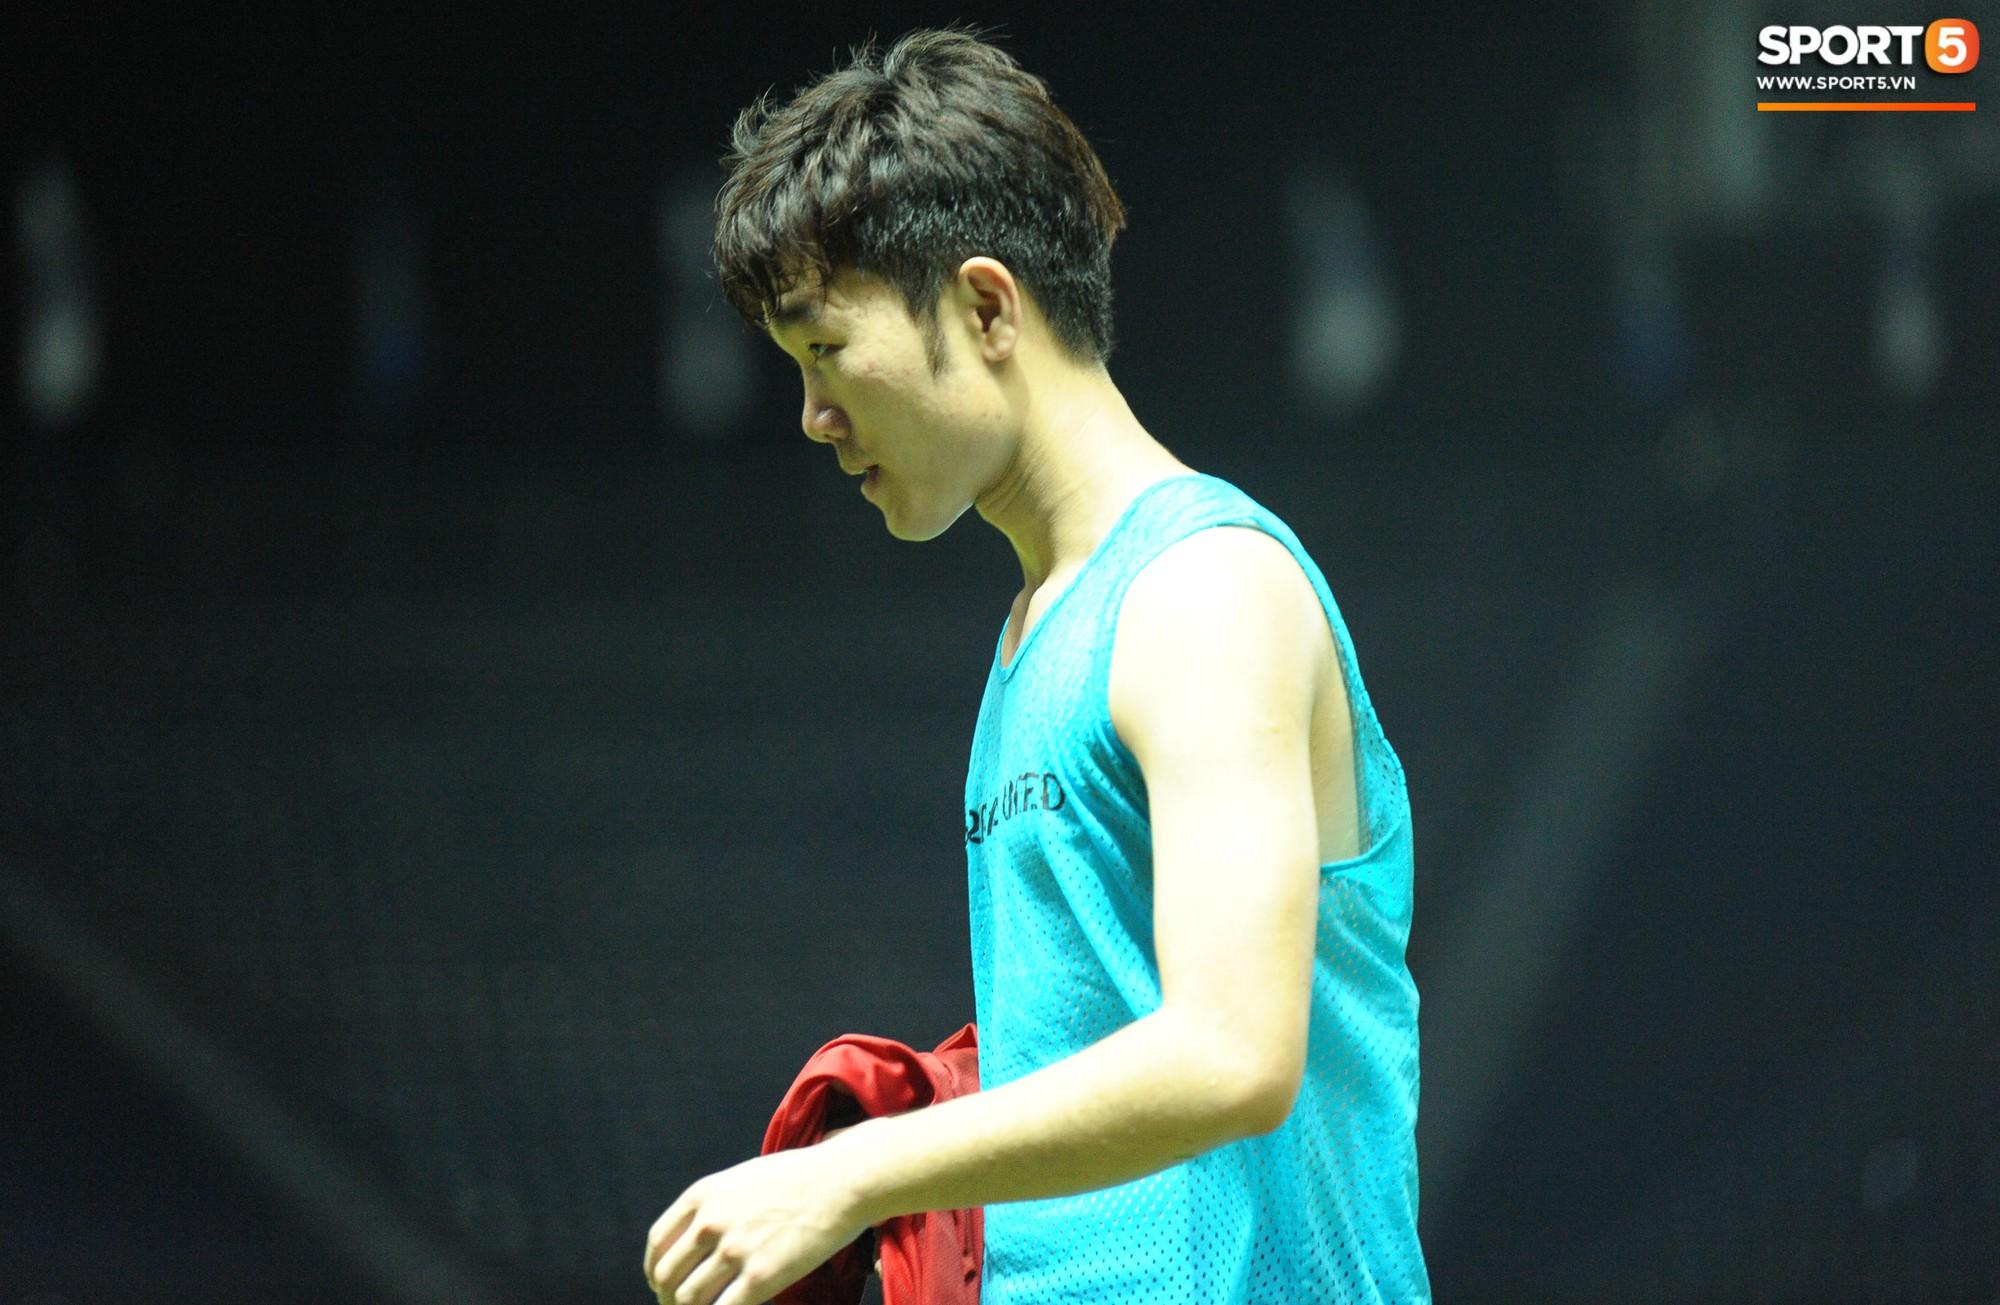 Giải mã hành động Xuân Trường cởi áo sau trận thắng đội bóng của Văn Lâm - Ảnh 8.